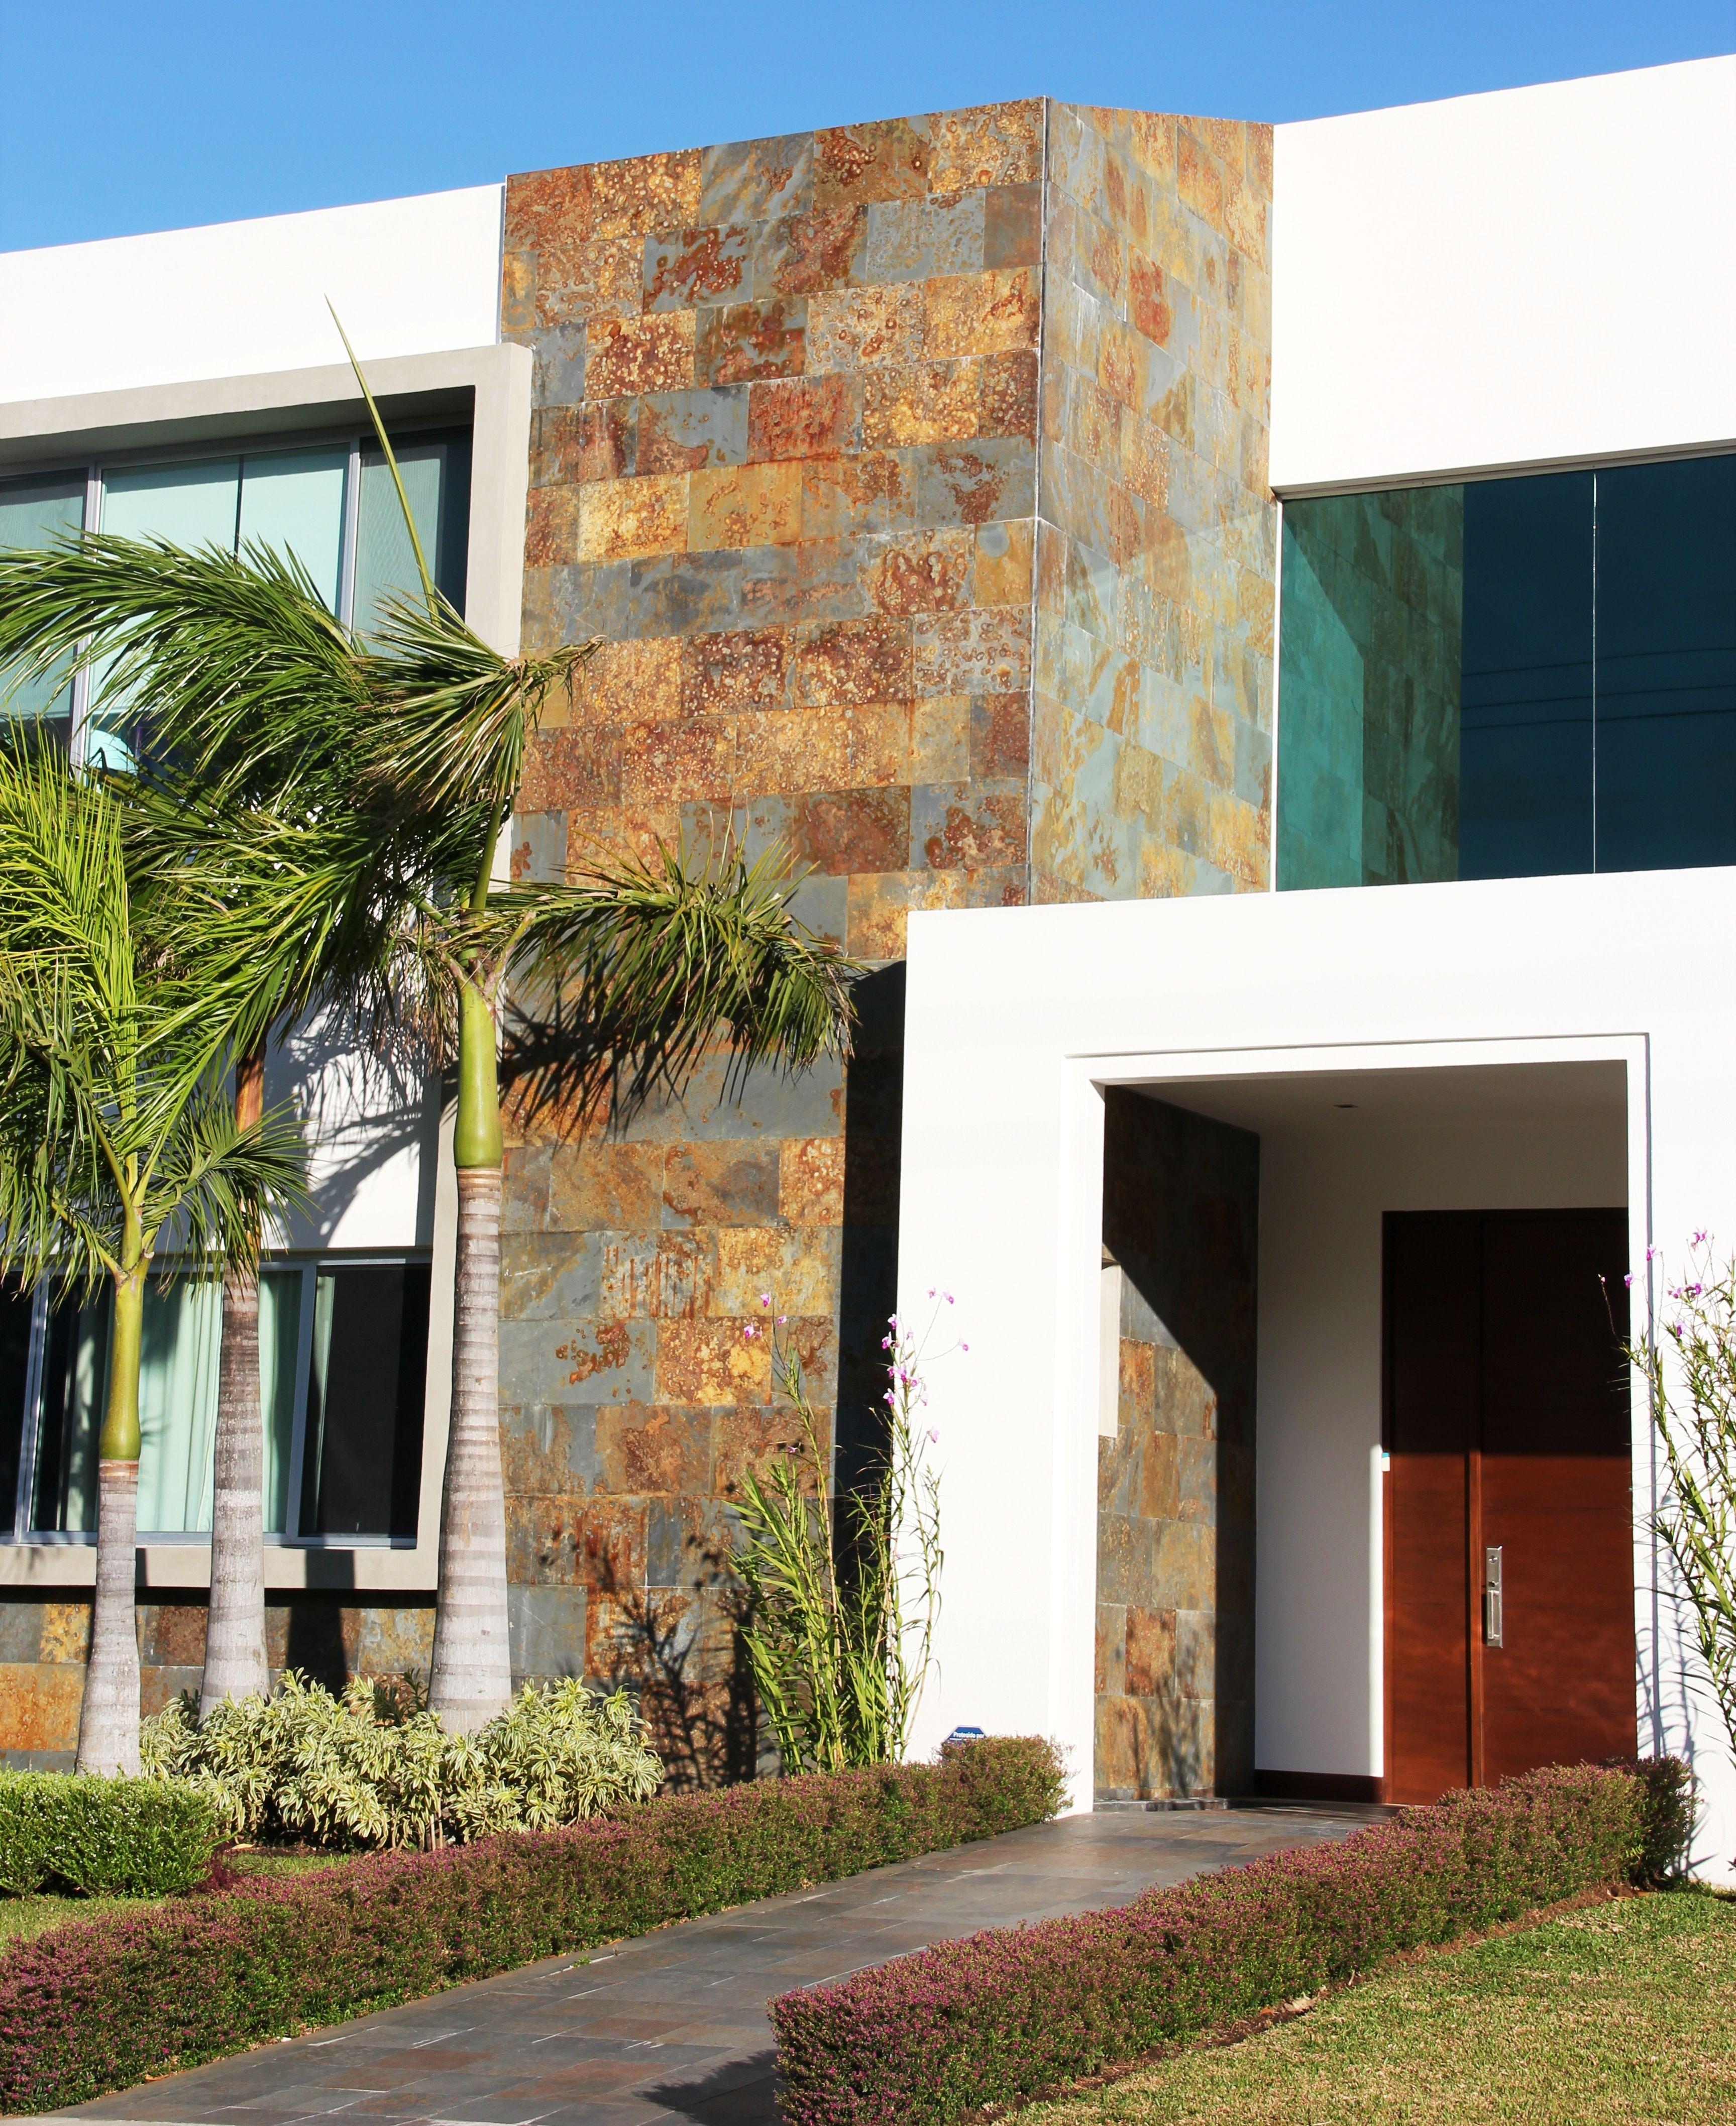 Piedra Pizarra Oxidada Buscar Con Google Casas Exteriores De Piedra Revestimiento De Piedra Fachadas De Casas Infonavit